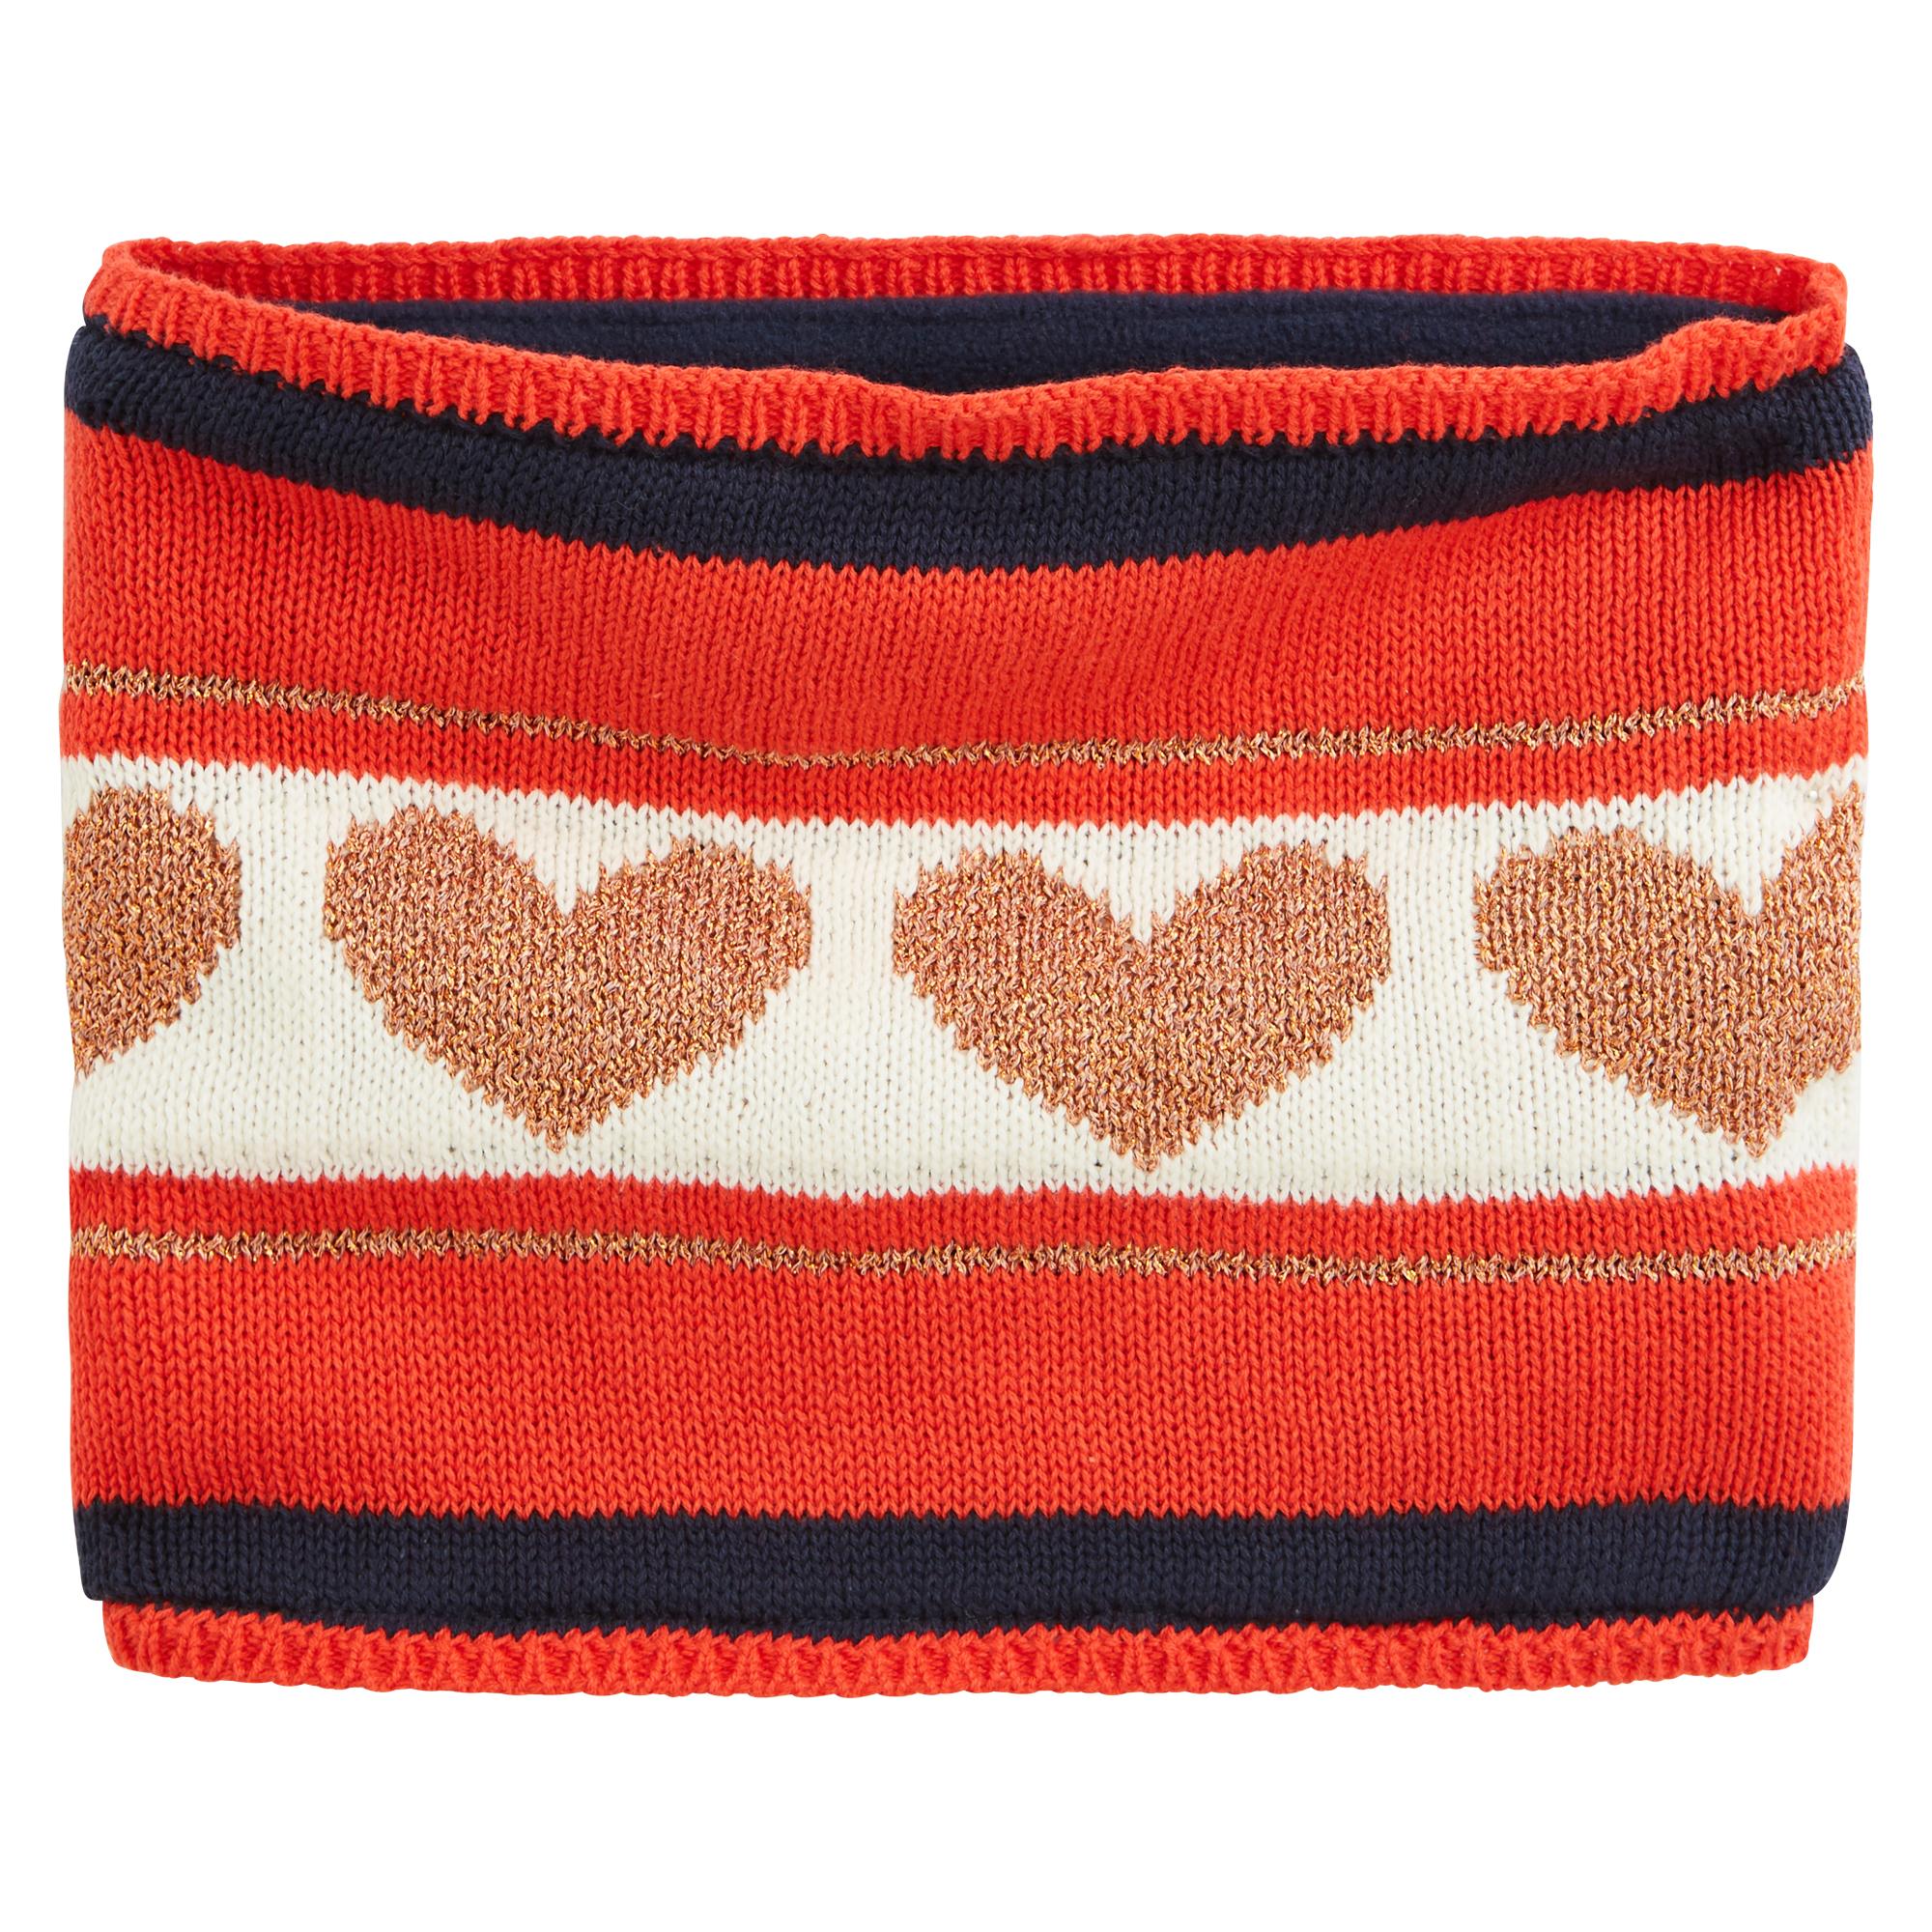 Bonnet + écharpe collection Pop Cargo Fille Rouge  de Marèse